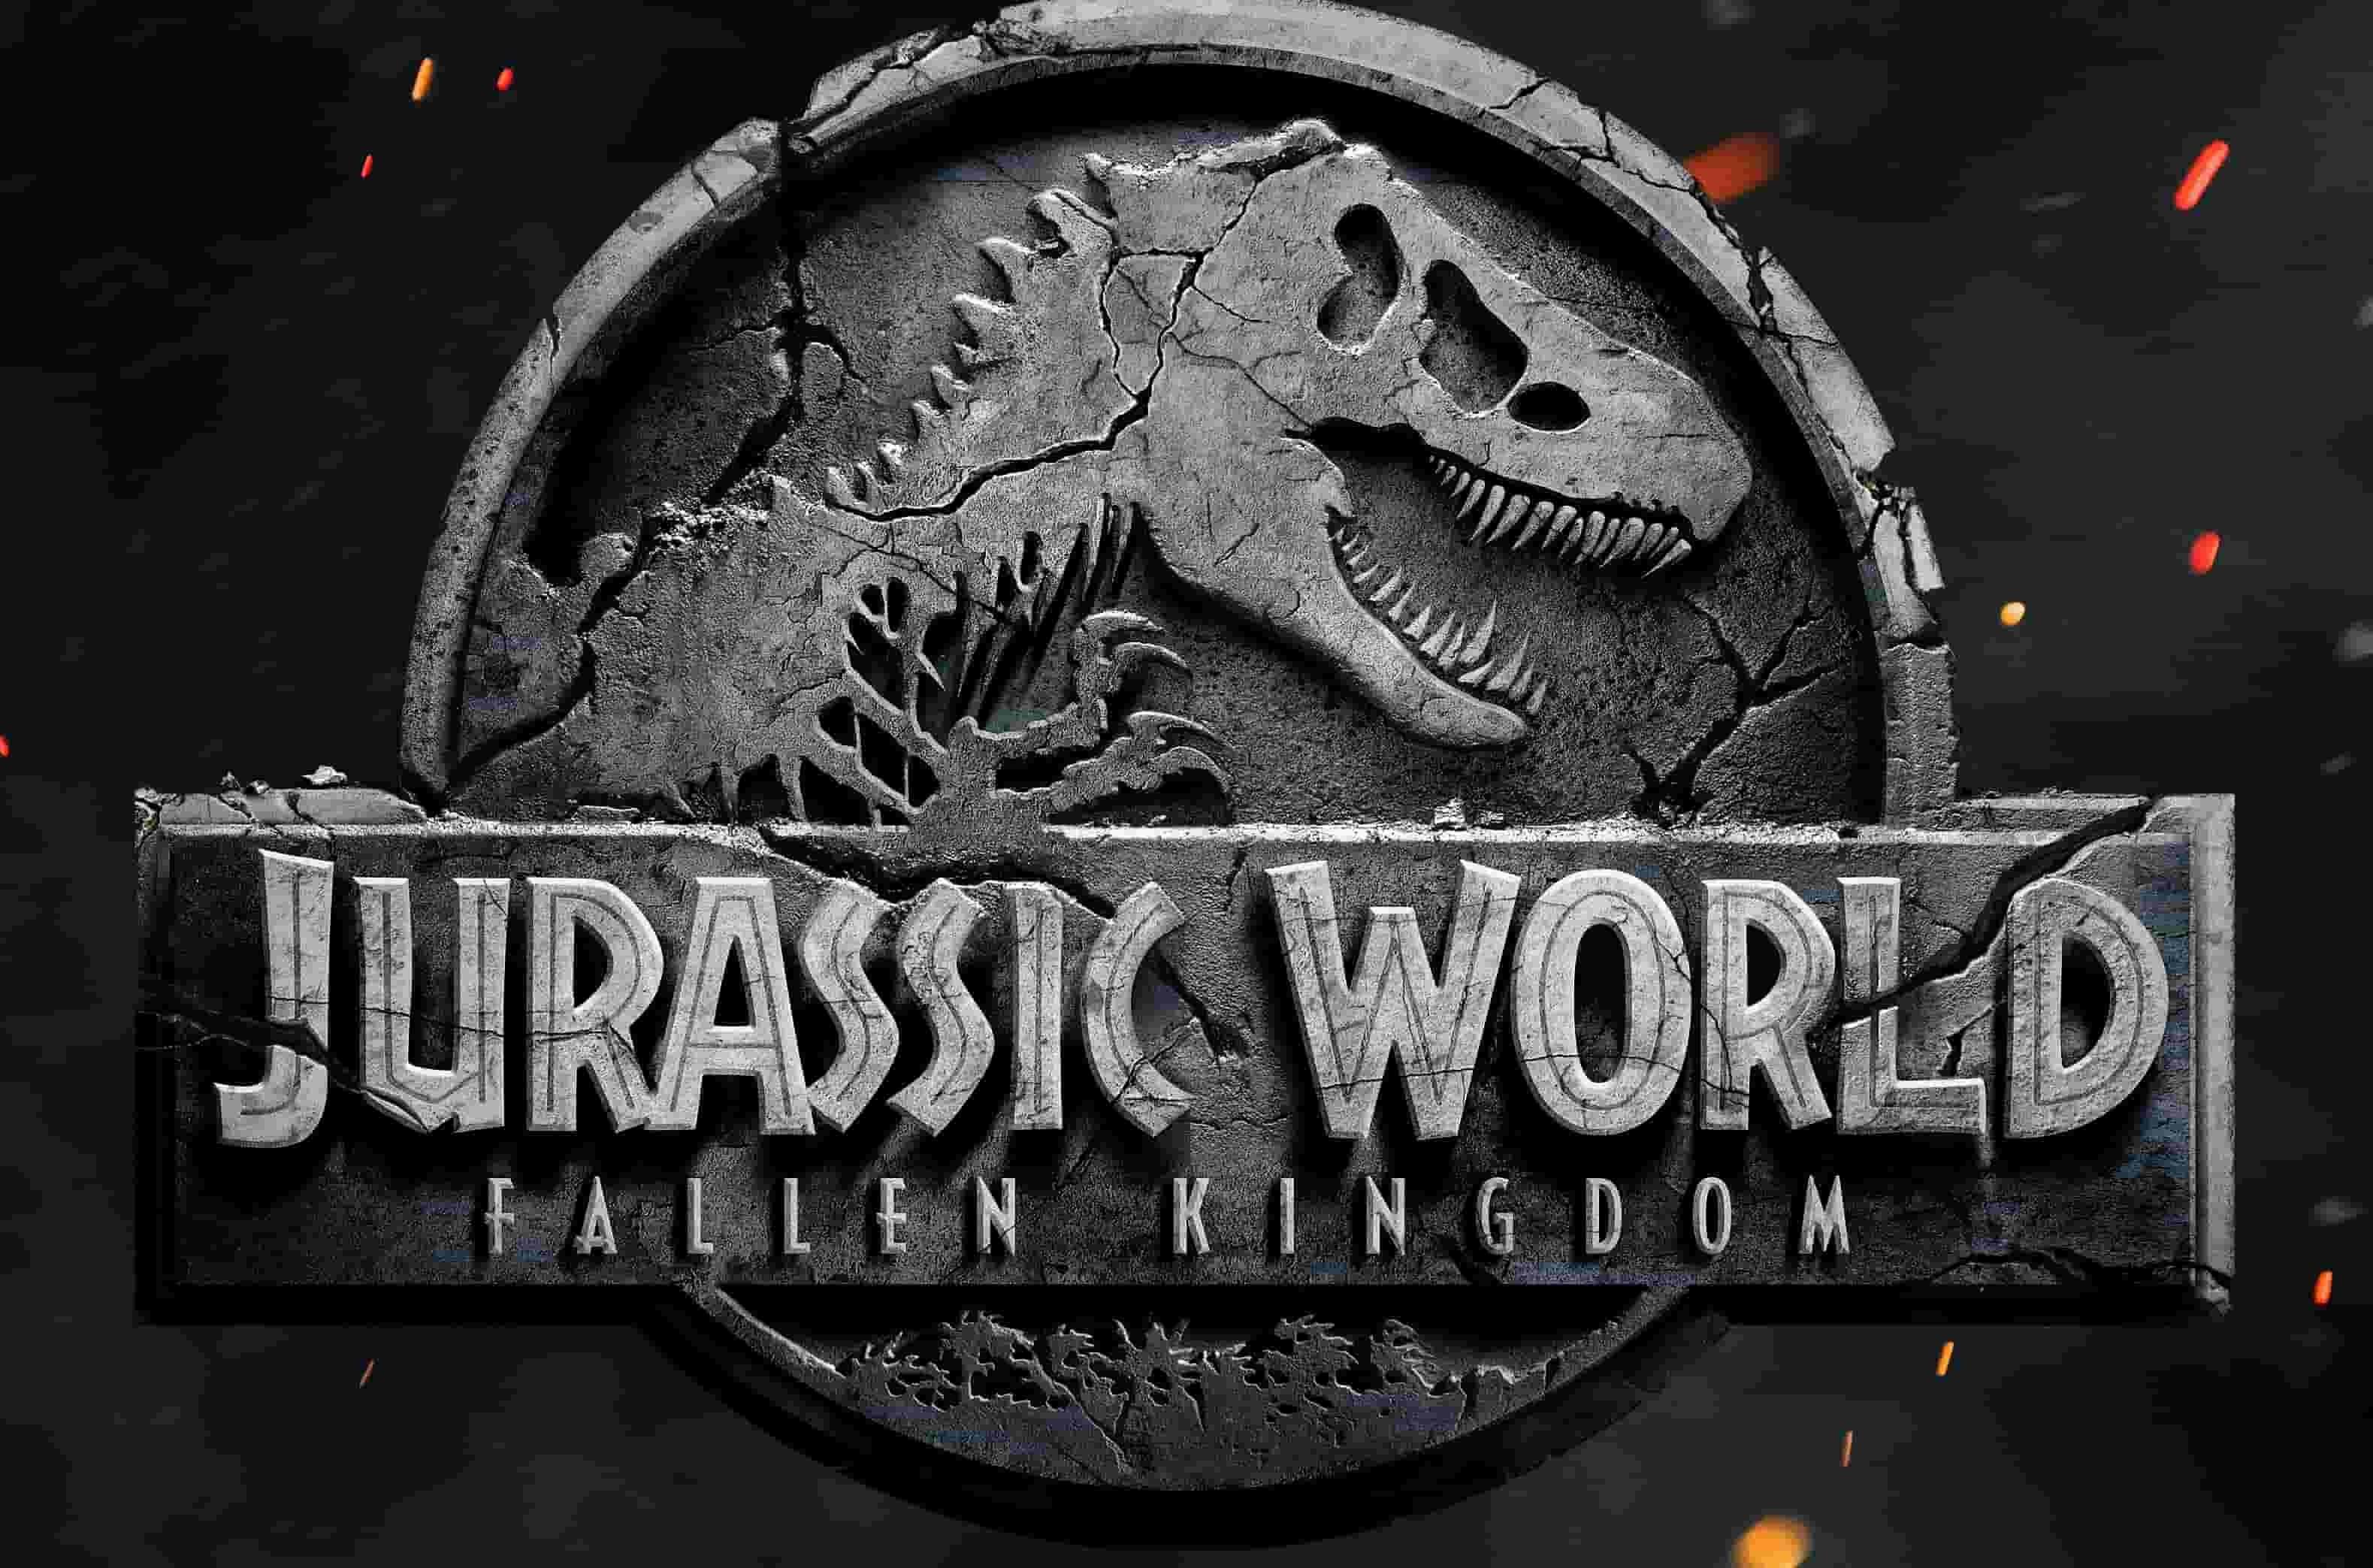 Jurassic World teaser